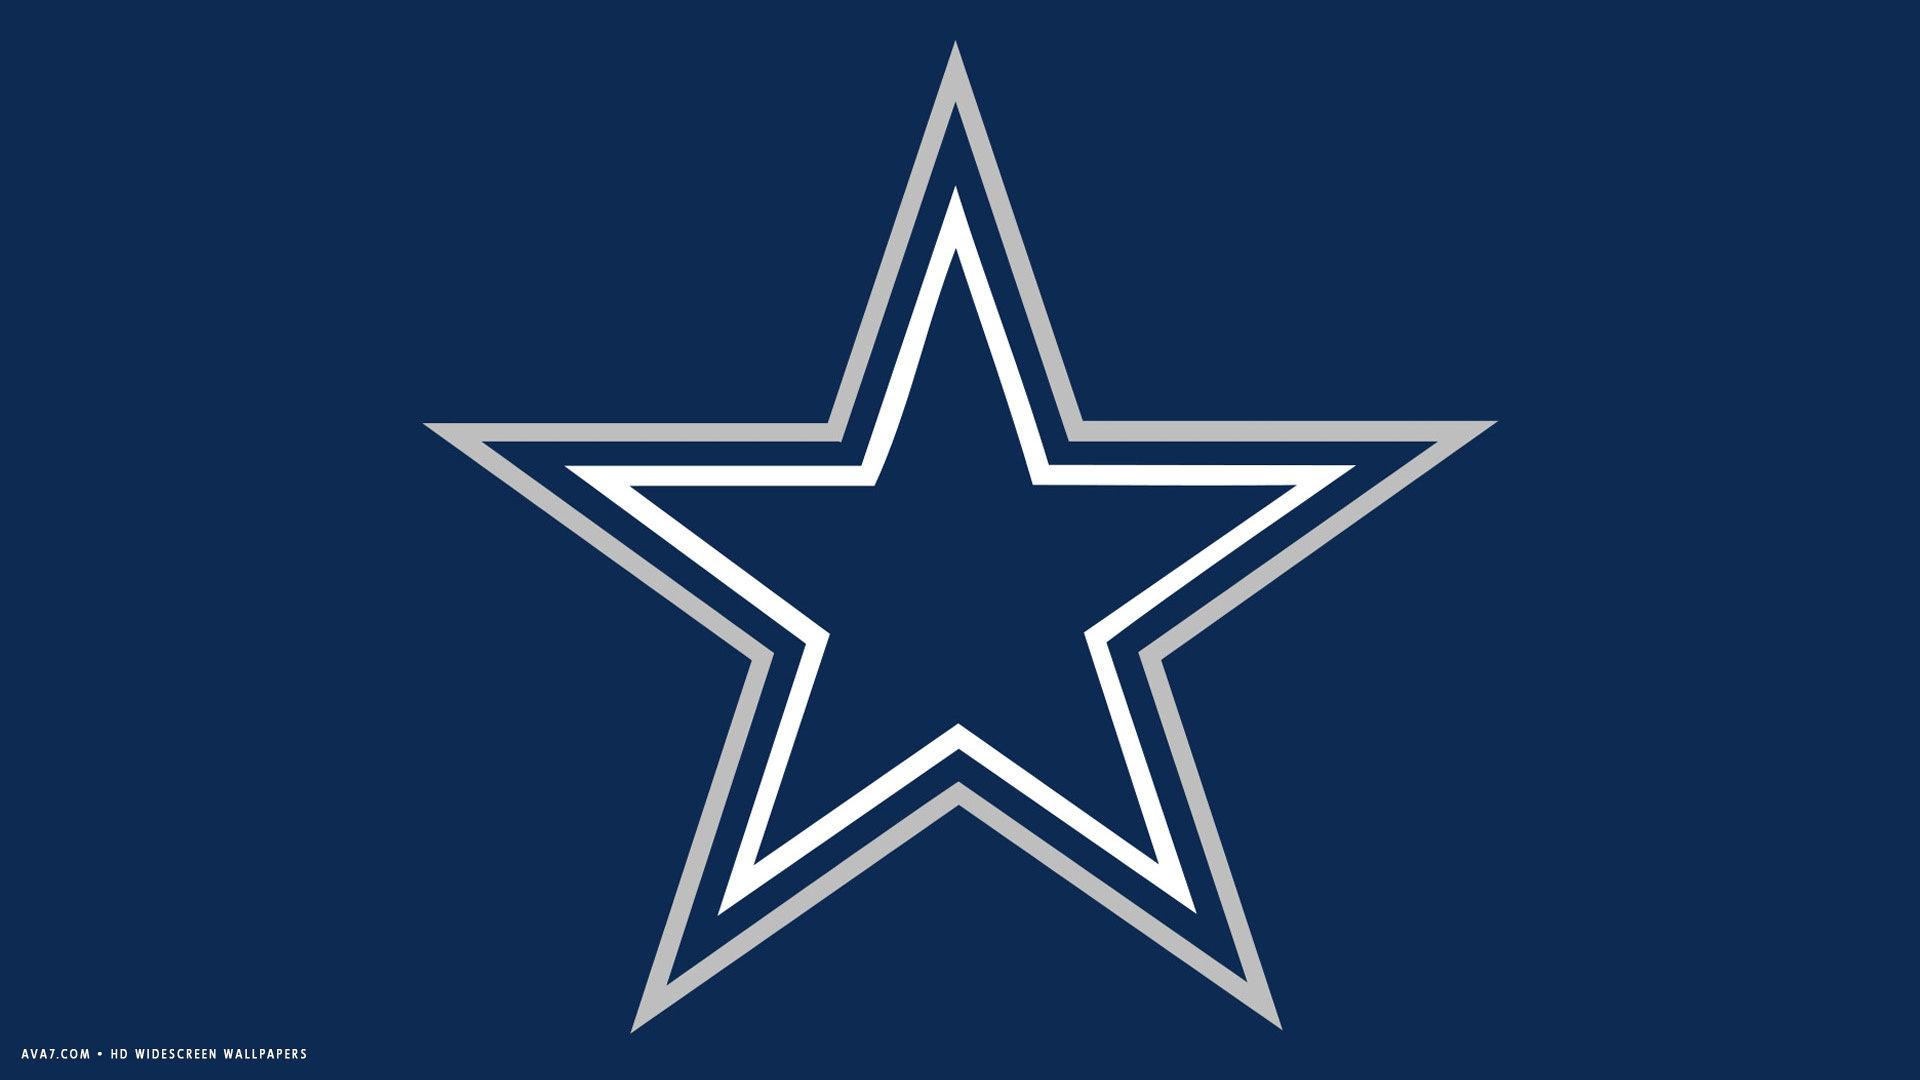 3d Wallpaper Cowboys Dallas Cowboys Hd Widescreen Wallpaper American Football